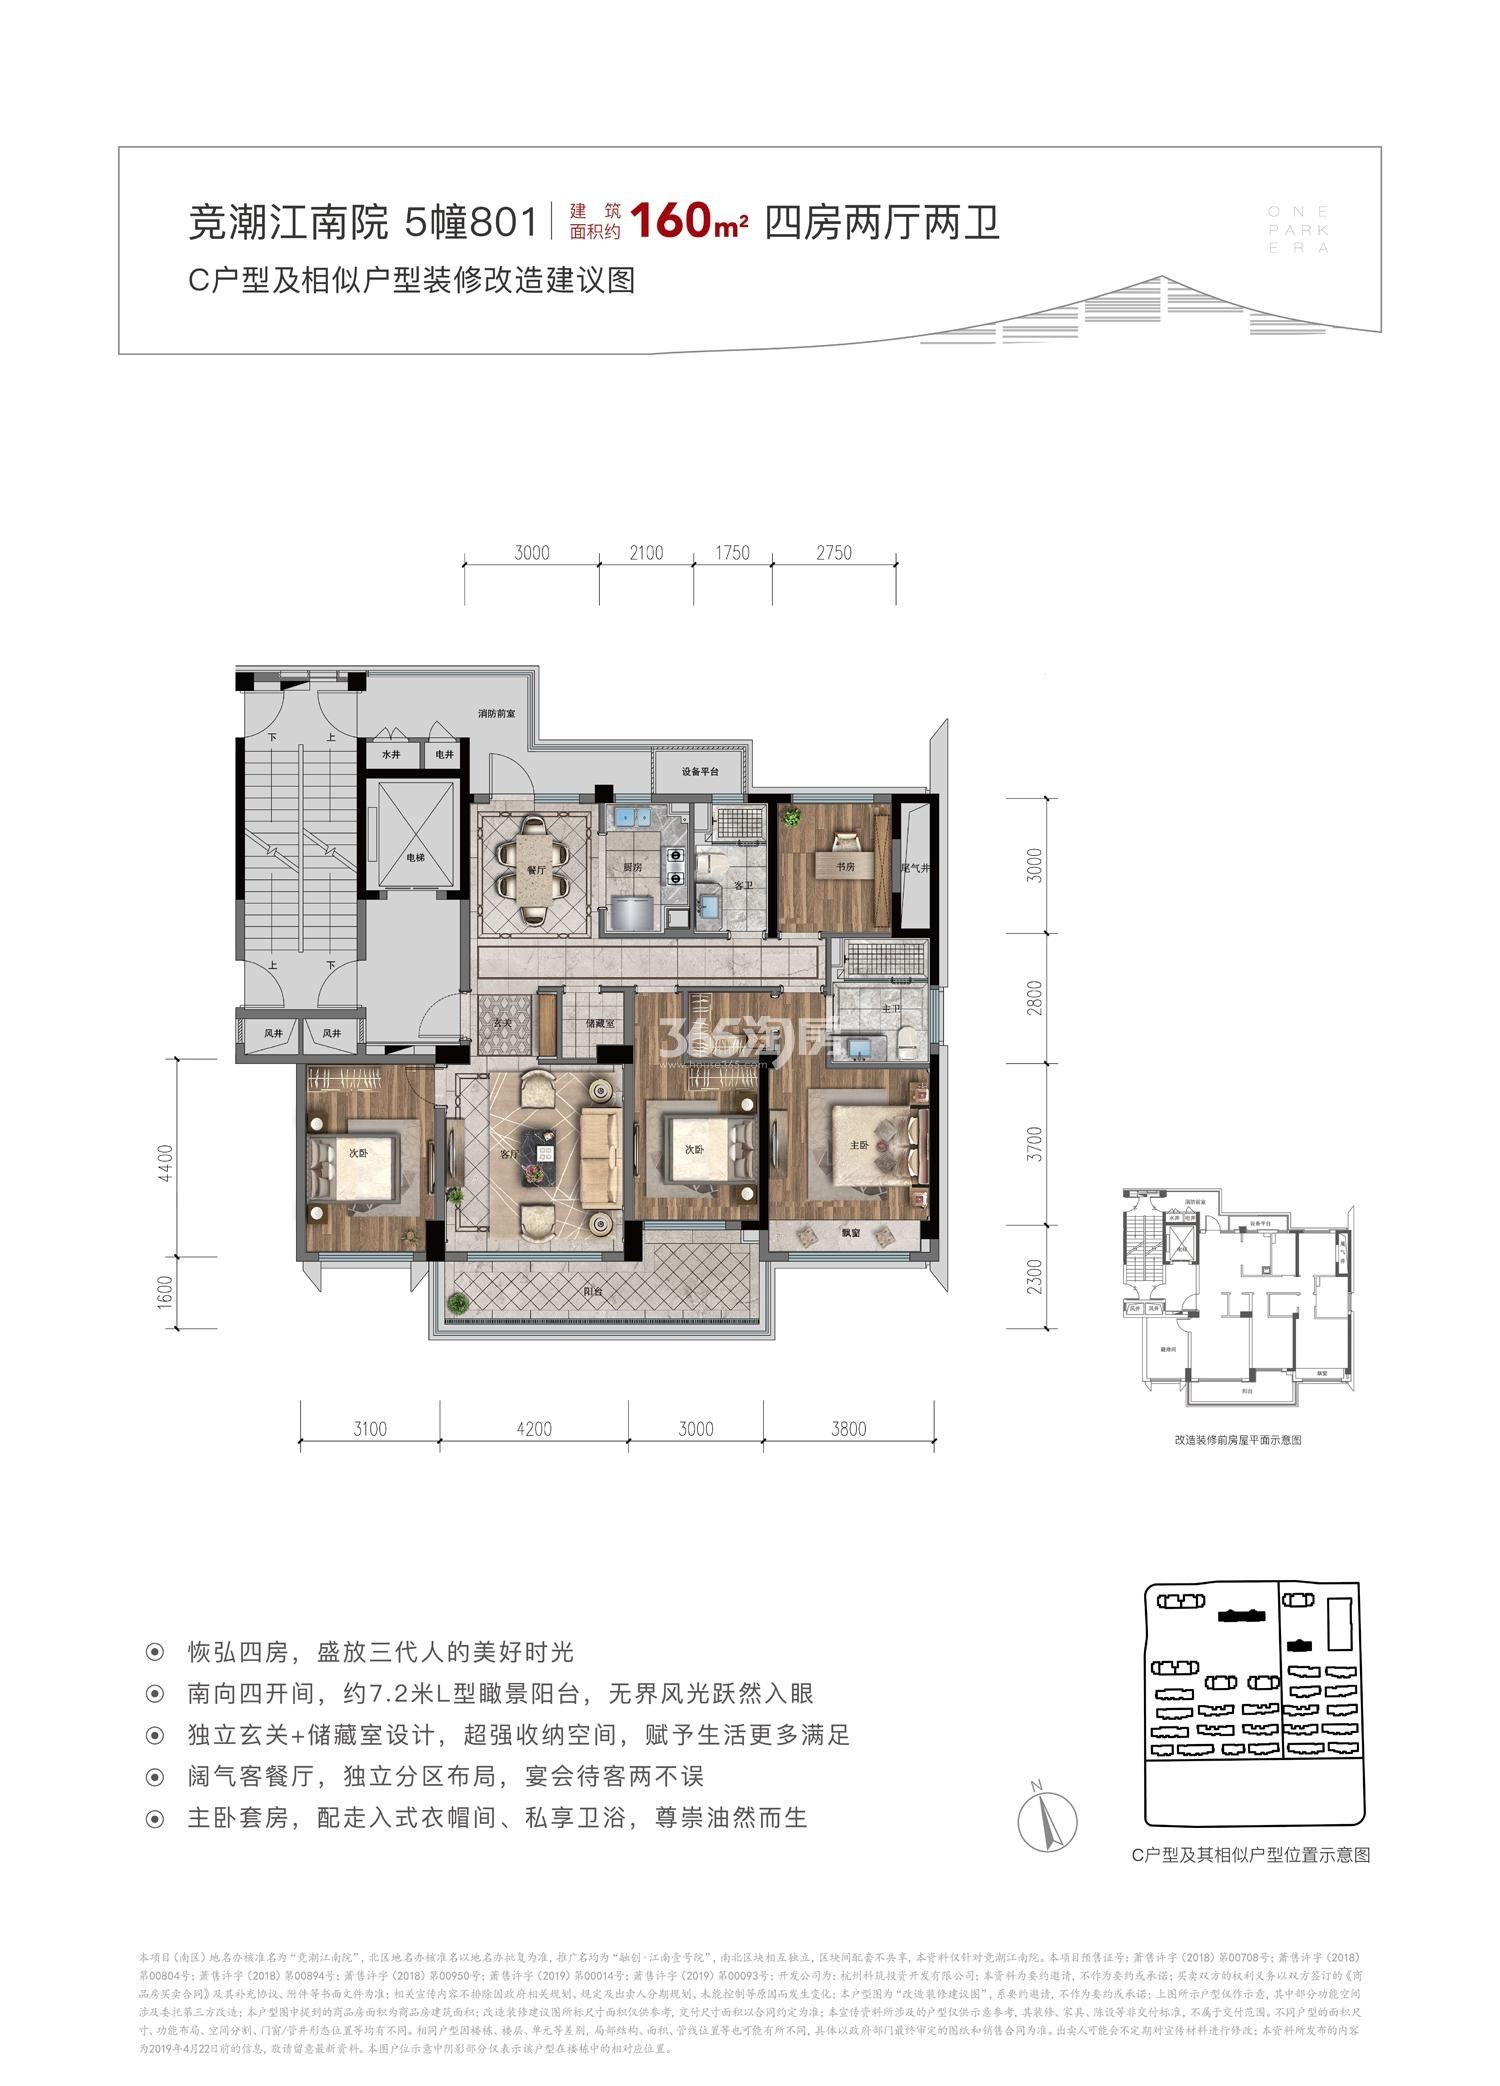 融创江南壹号院C户型160方(高层2、5#)